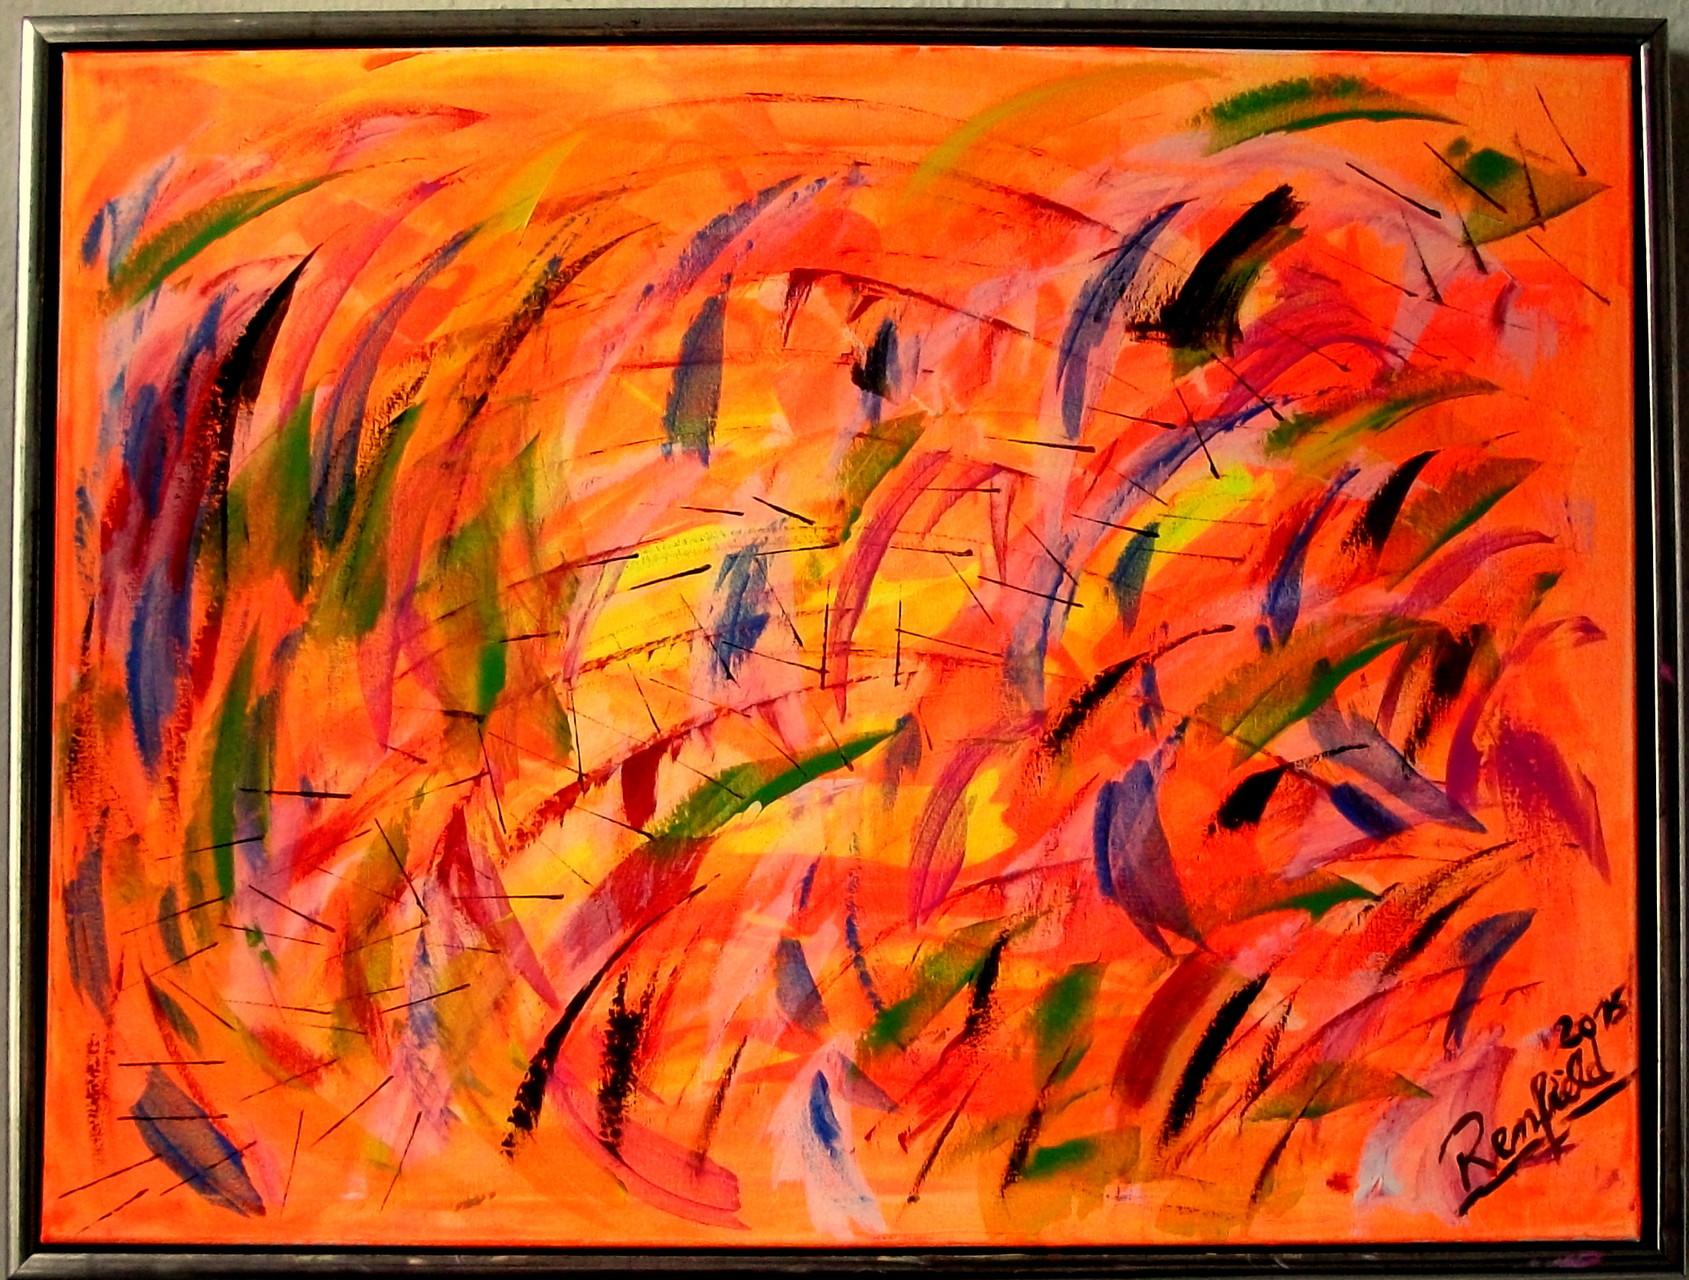 The Orange ( 80 x 60 ) Acryl Tagleuchtfarben auf Leinwand mit Rahmen Kaufpreis 100€uro